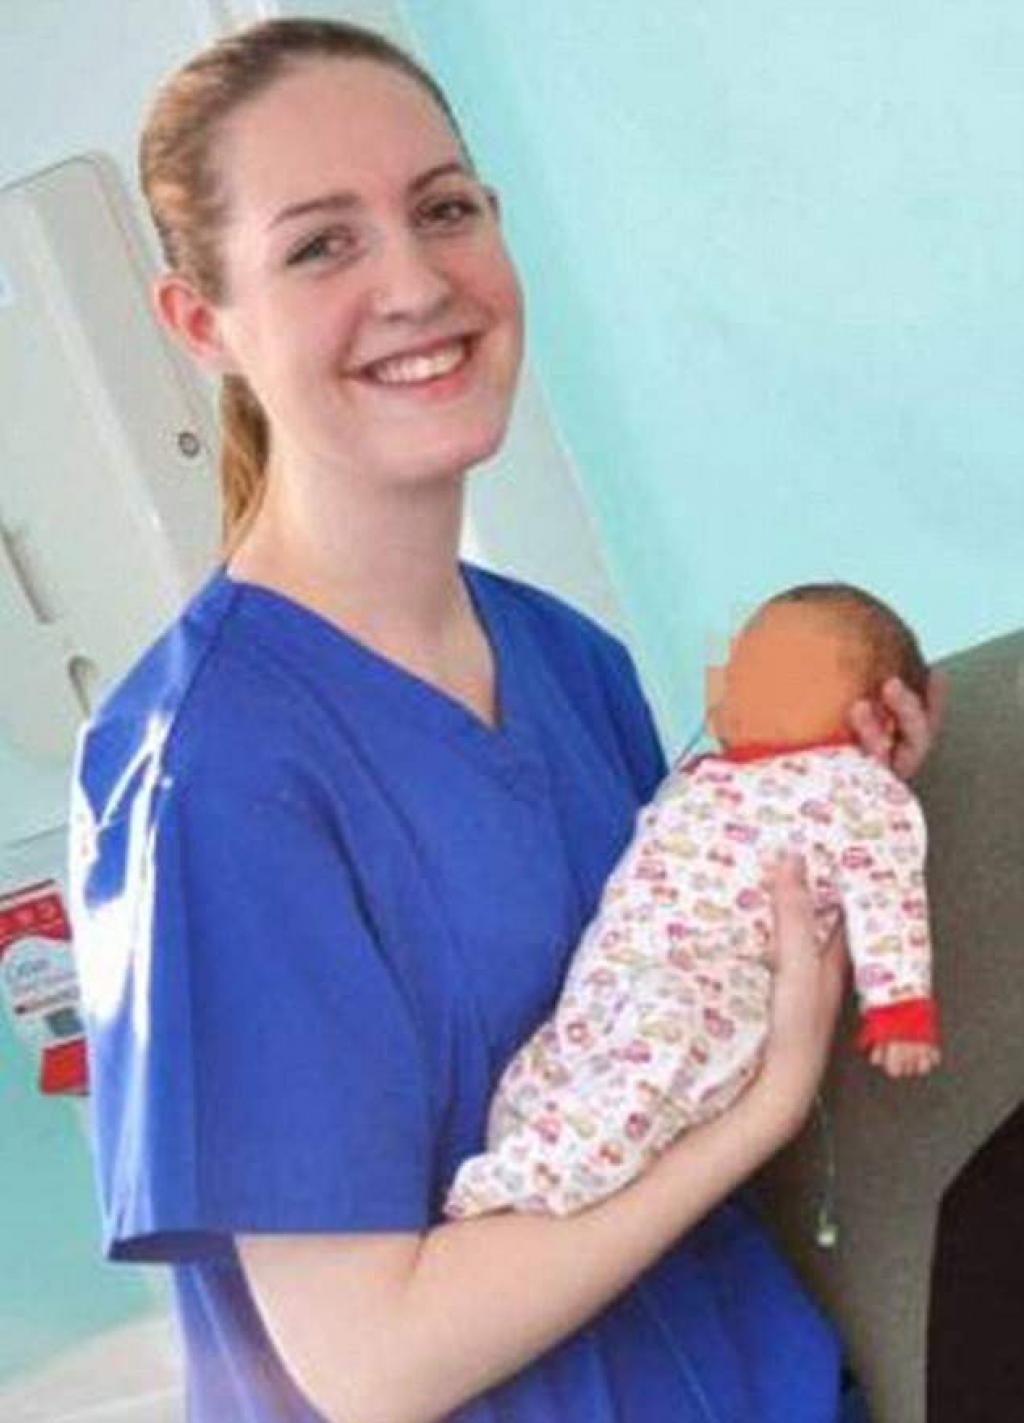 Thấy số trẻ sơ sinh tử vong cao hơn bình thường, bệnh viện điều tra và phát hiện tội ác tày trời của nữ y tá trẻ - Ảnh 1.